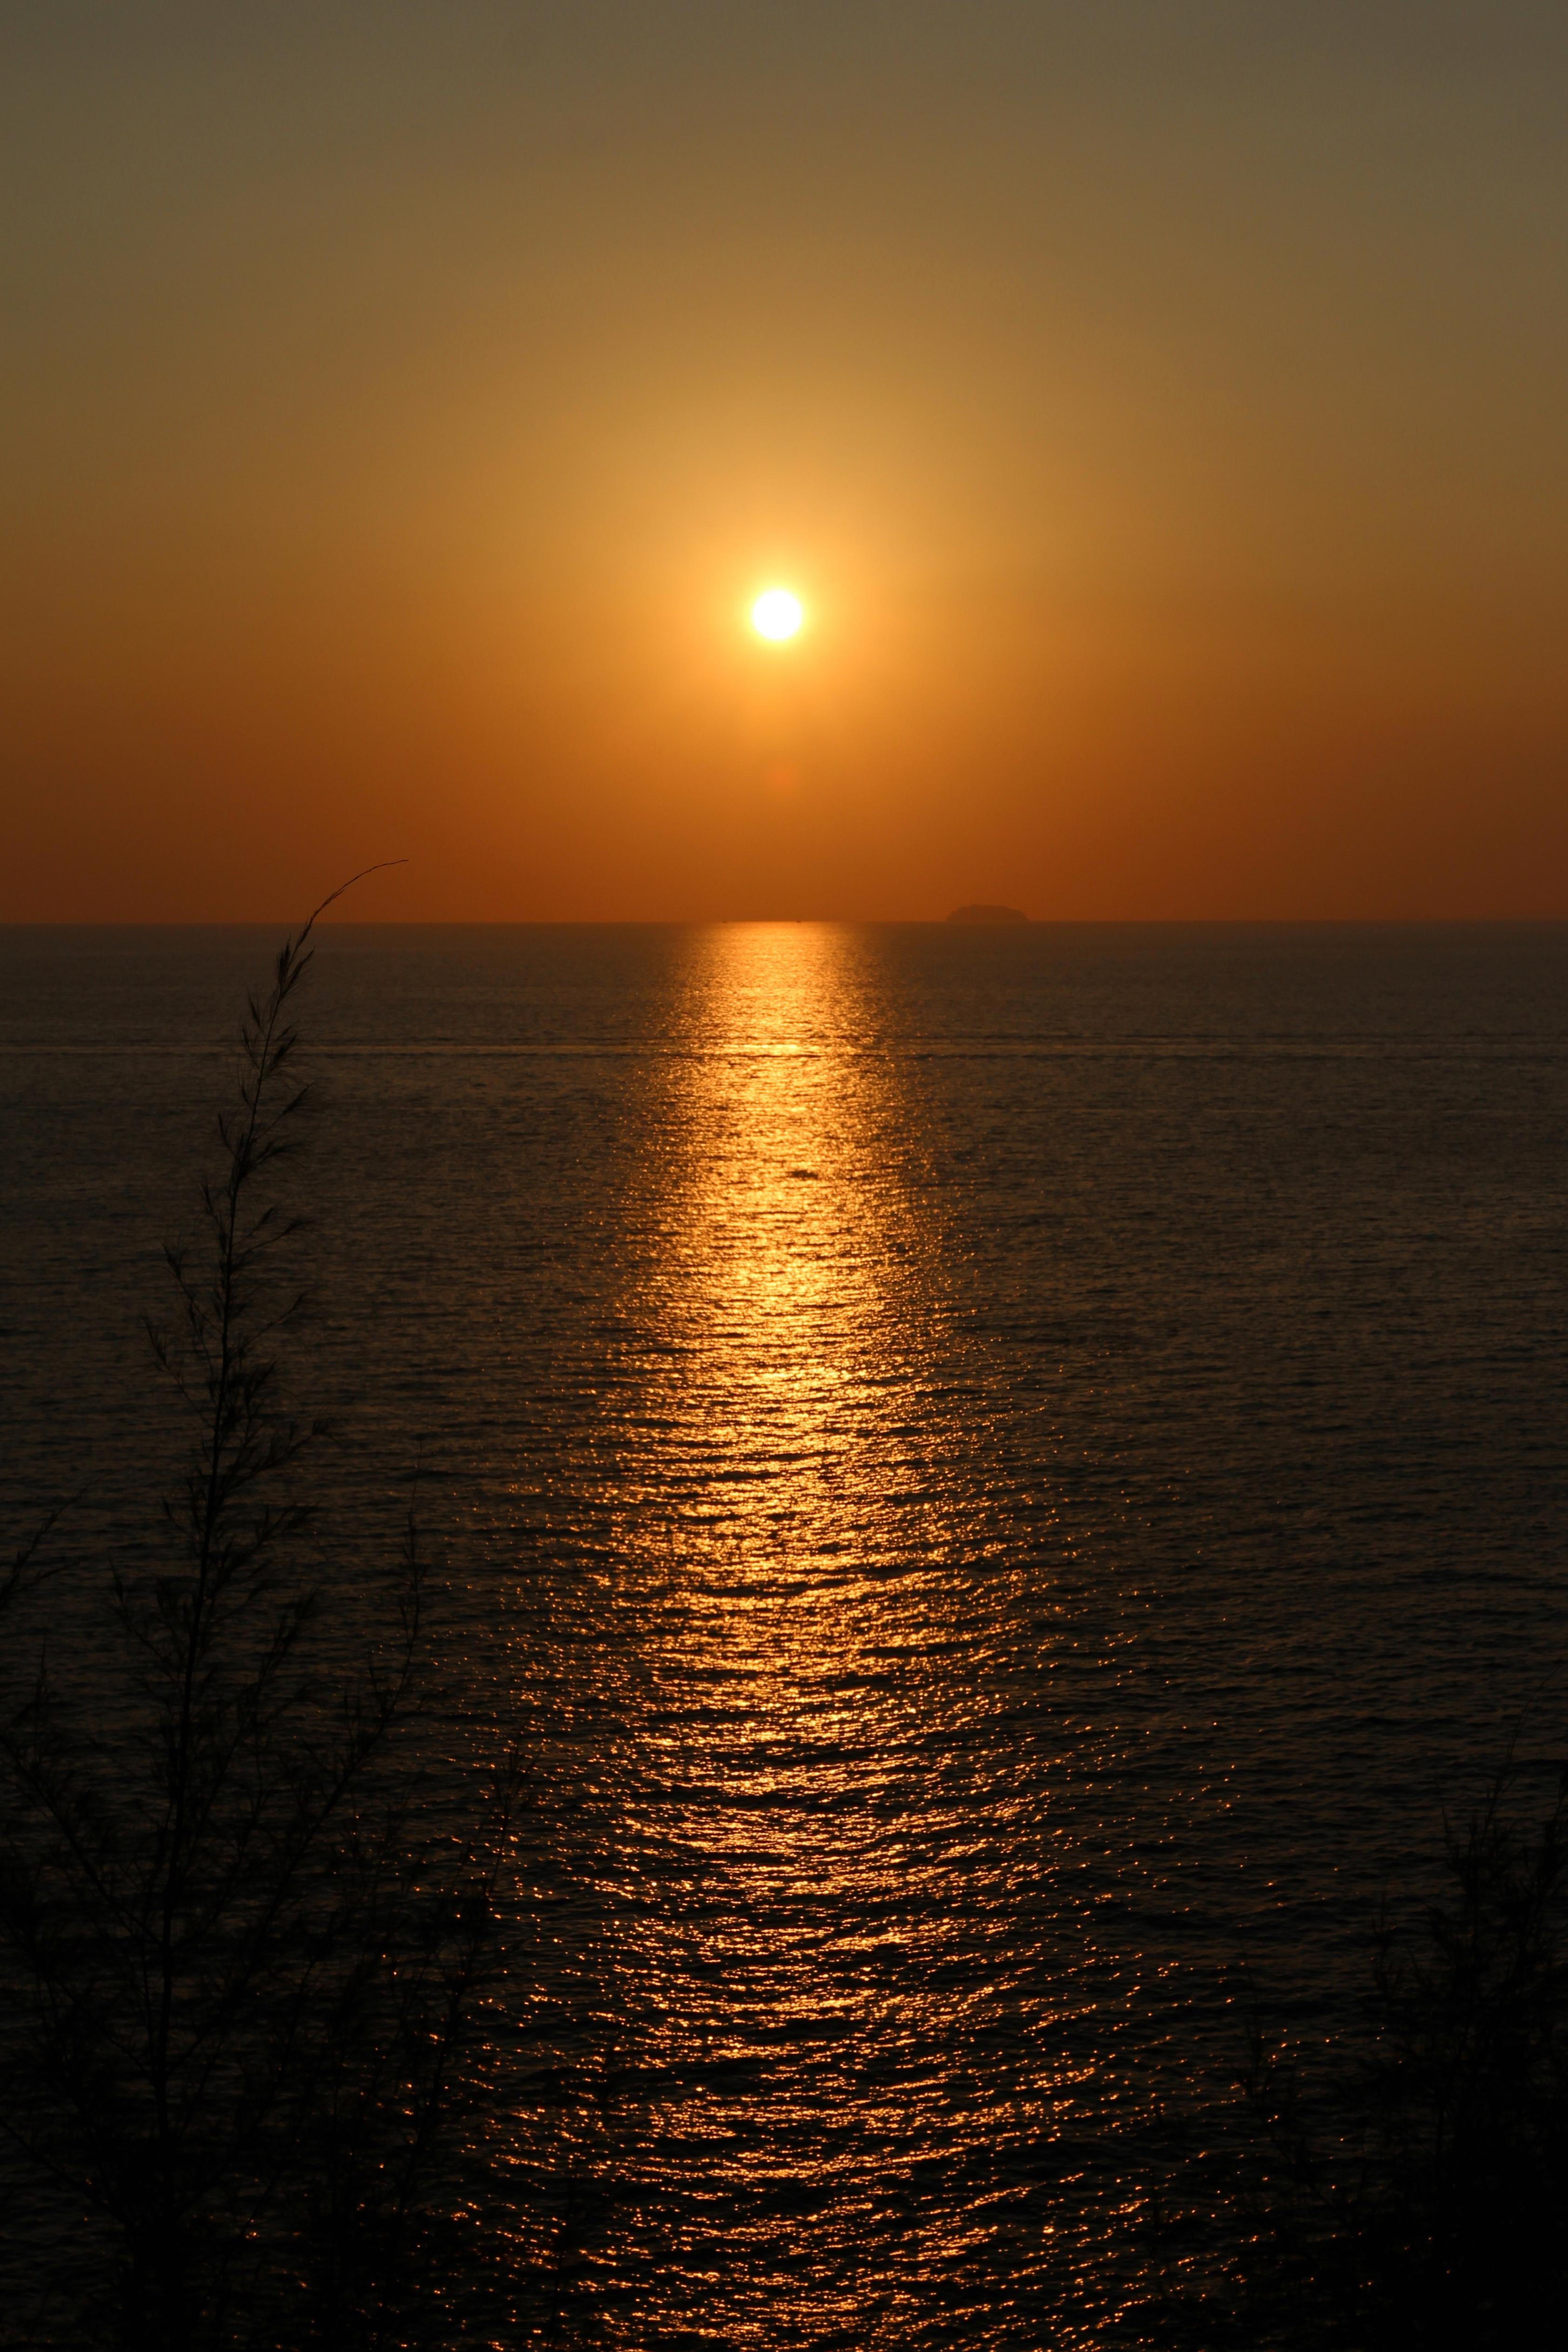 134578 скачать обои Природа, Закат, Море, Горизонт, Рябь, Солнце - заставки и картинки бесплатно